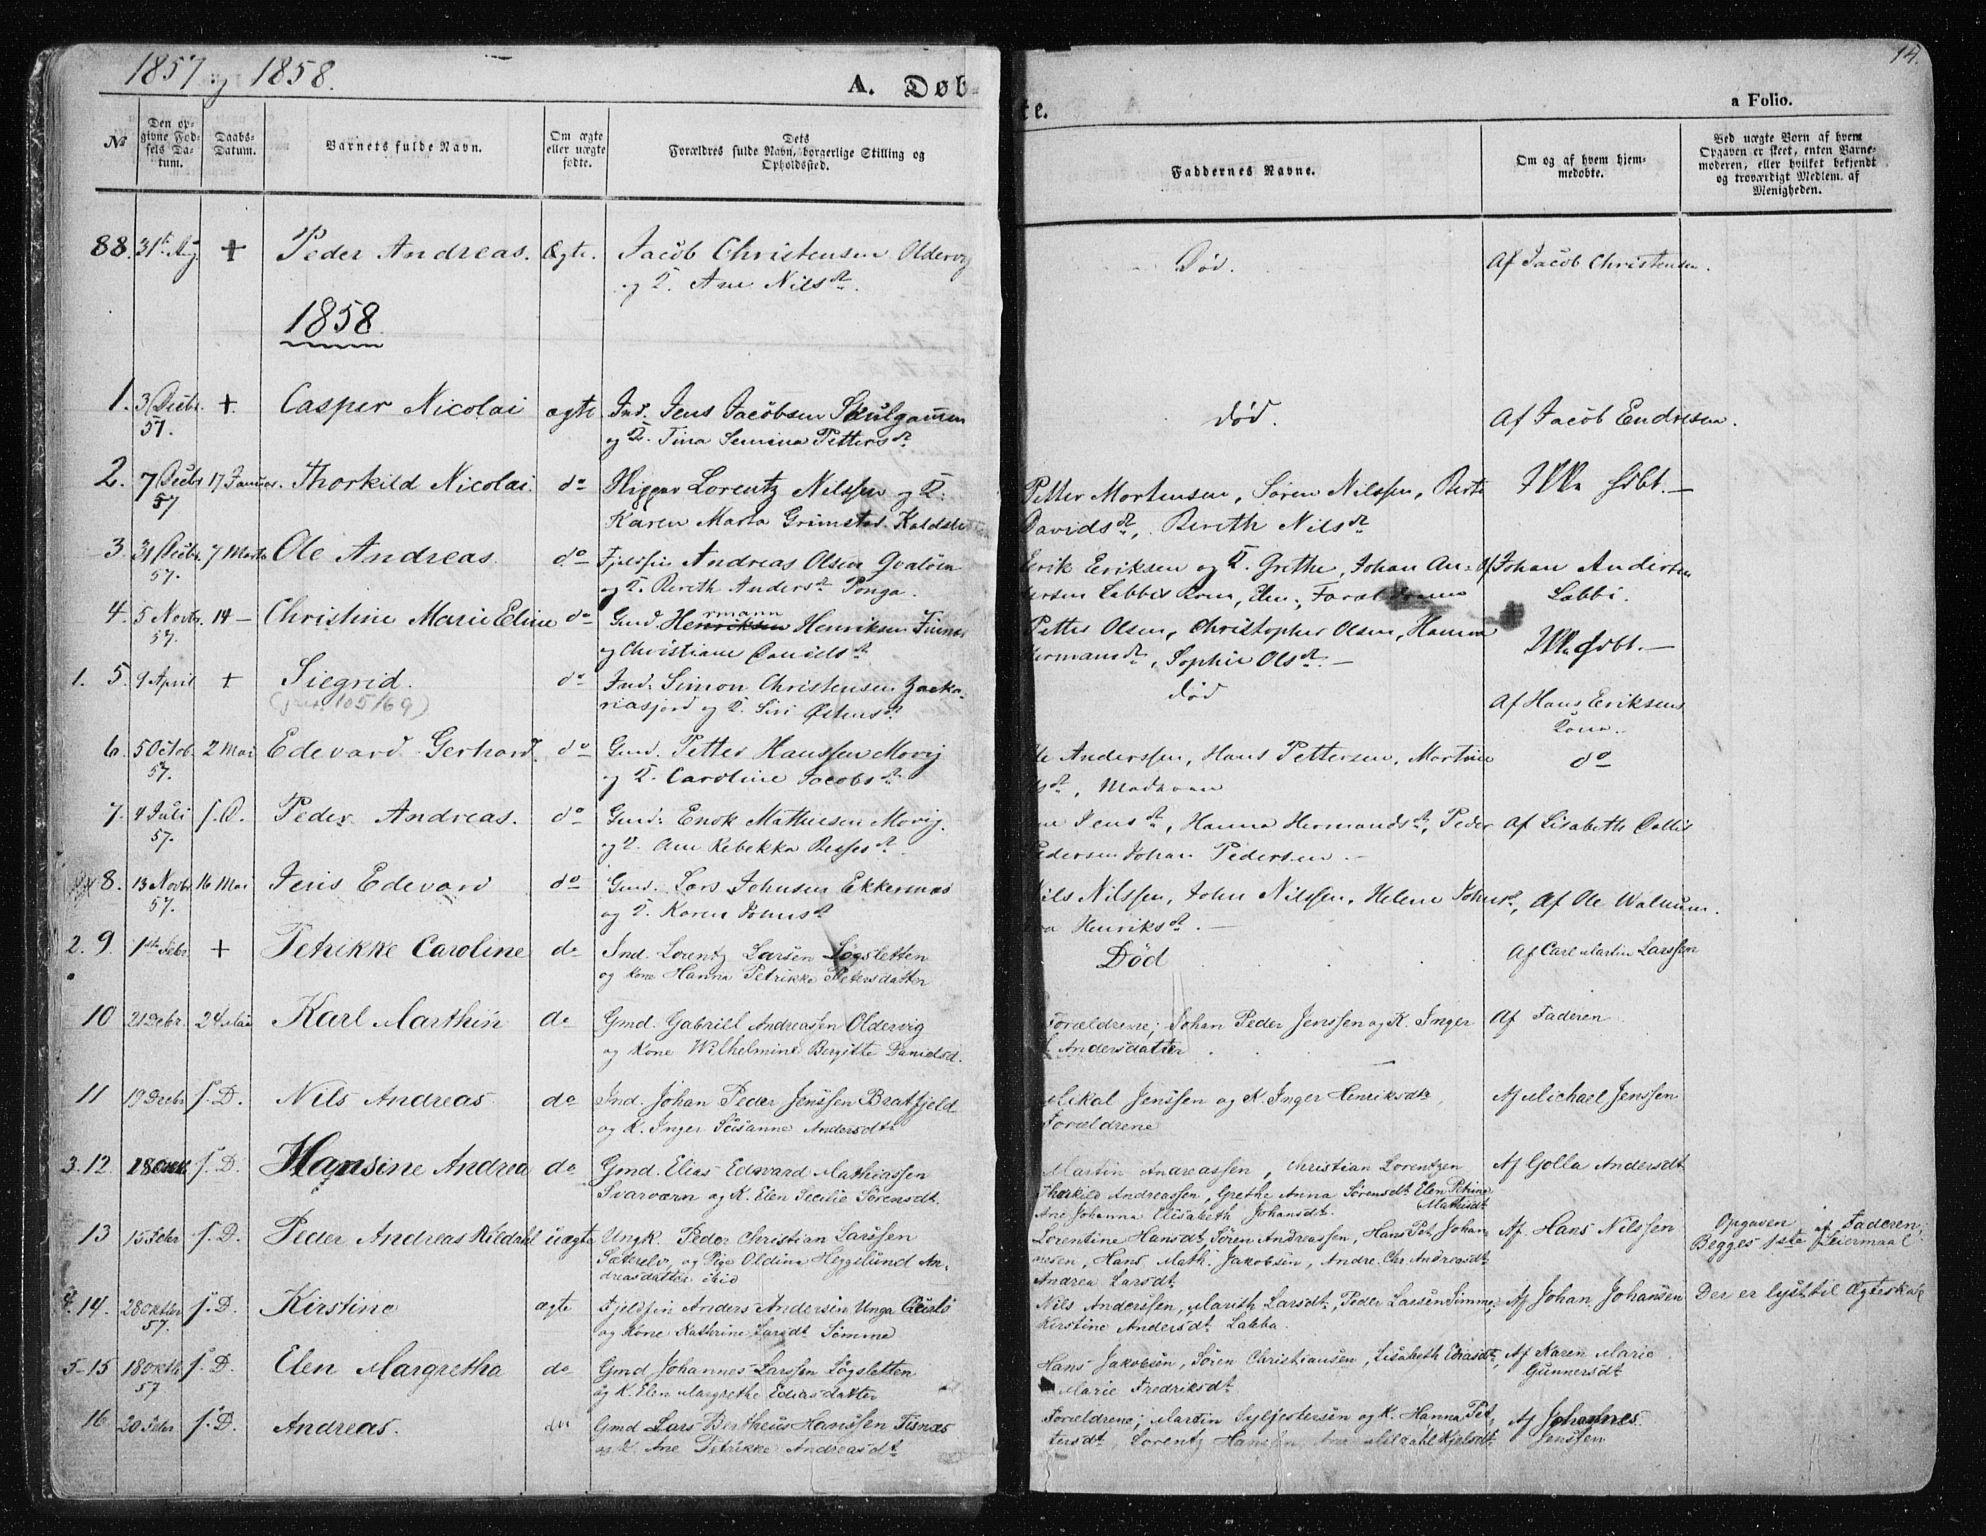 SATØ, Tromsøysund sokneprestkontor, G/Ga/L0001kirke: Ministerialbok nr. 1, 1856-1867, s. 14